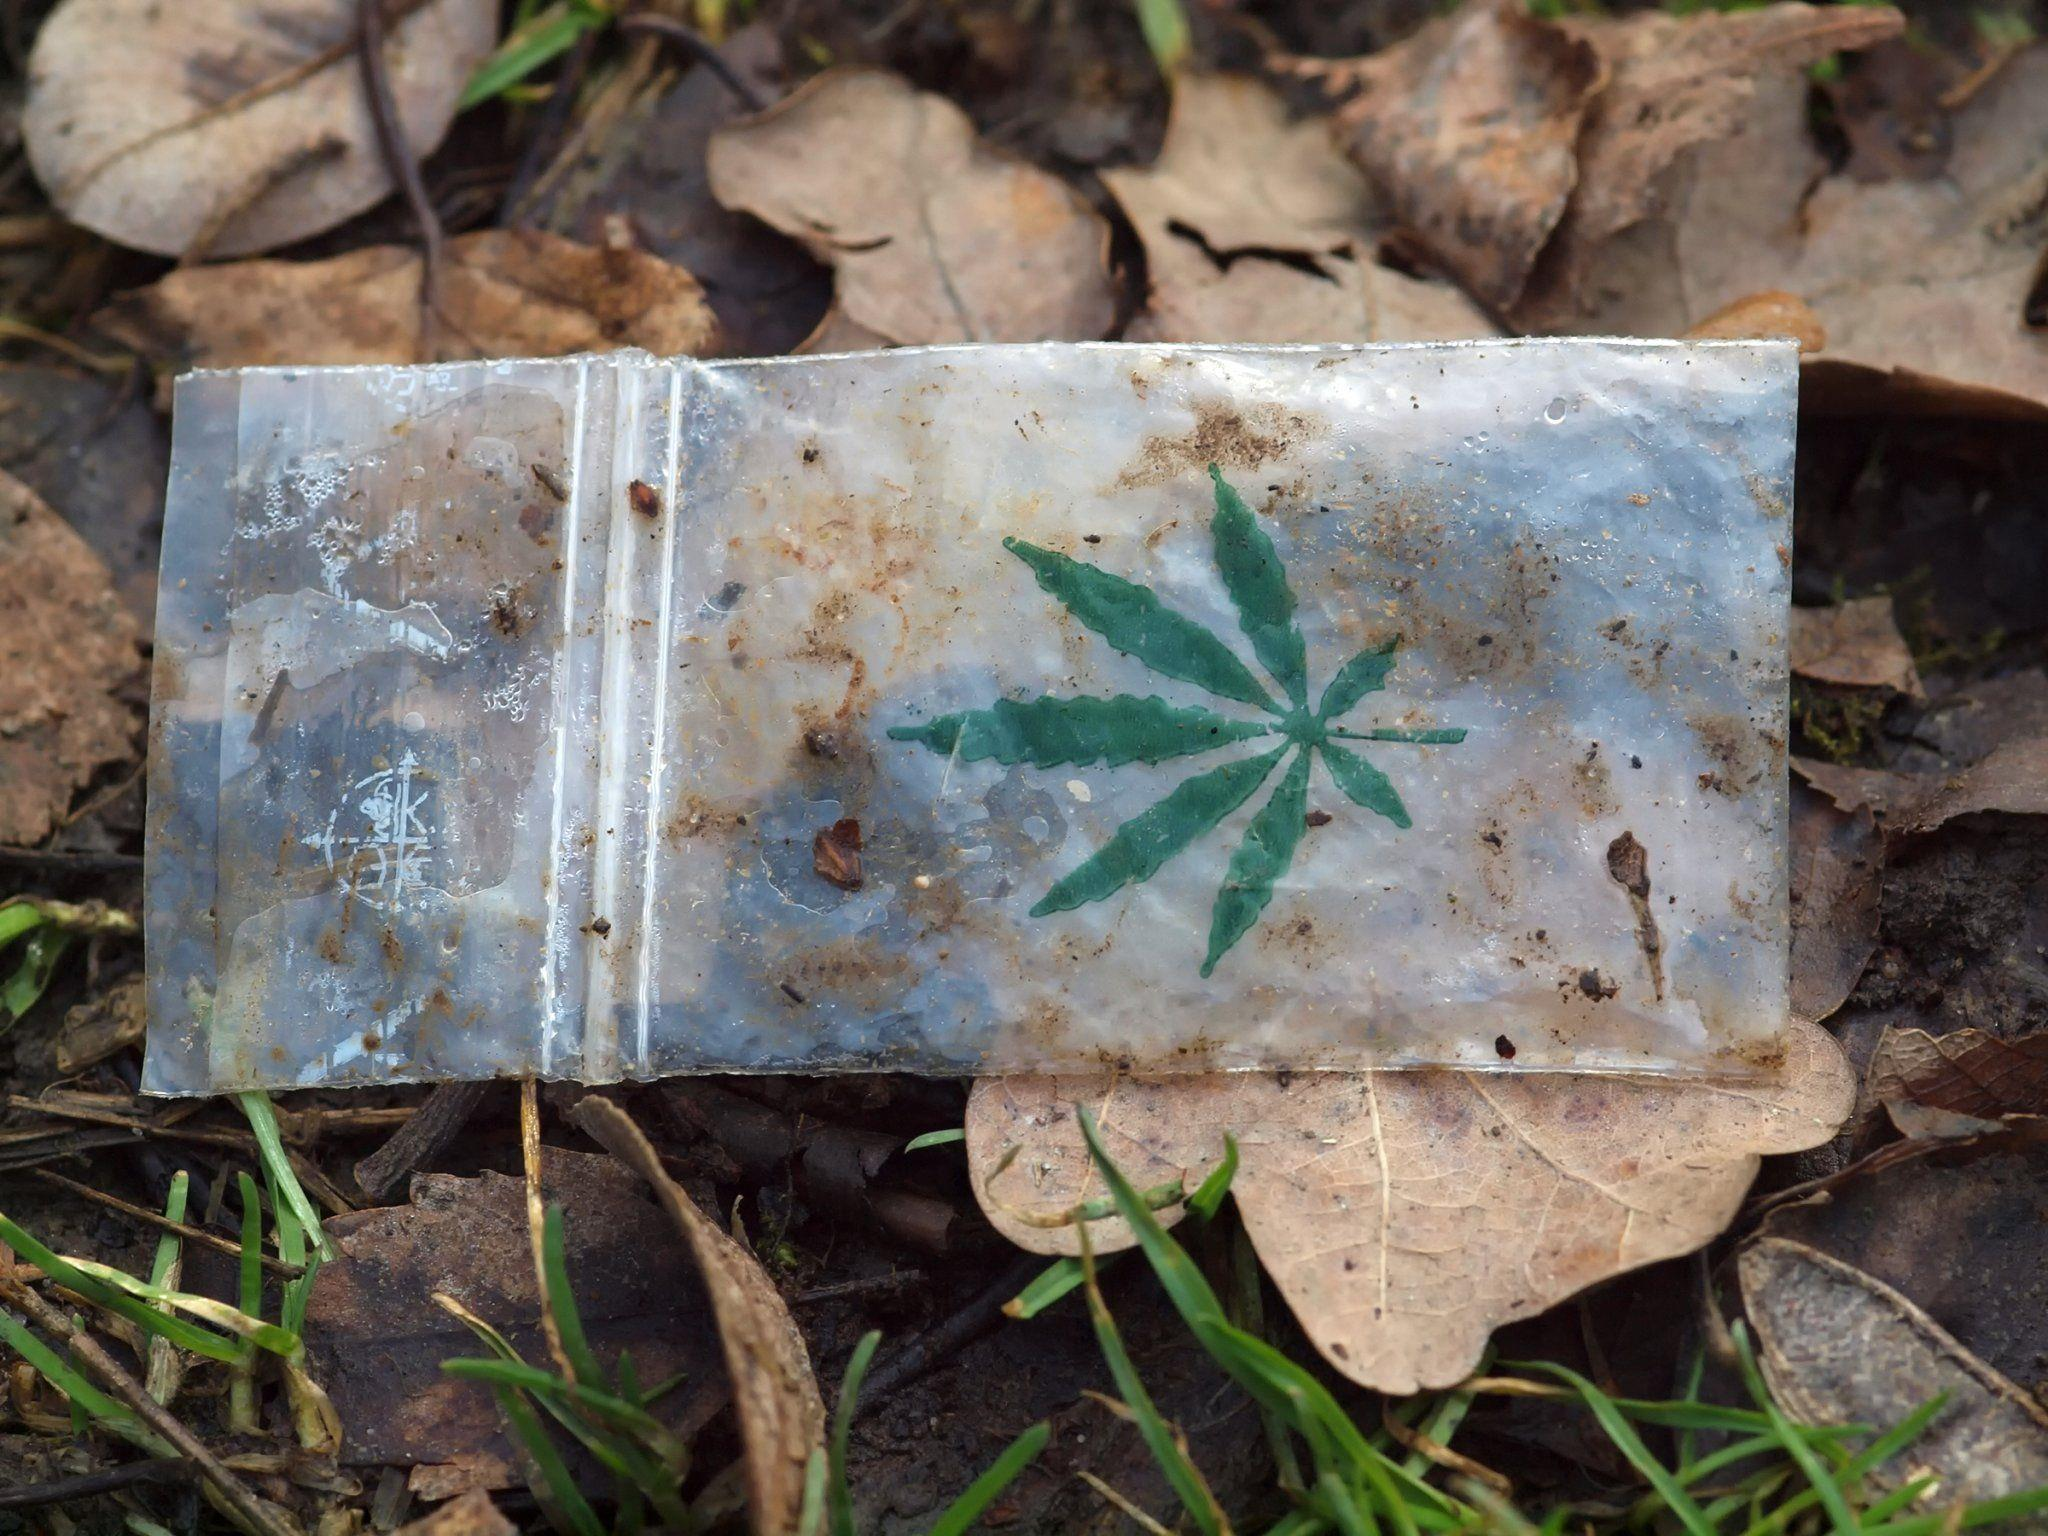 Trockene Zeiten für viele Kiffer: 37 Kilo Cannabis wurden beschlagnahmt.